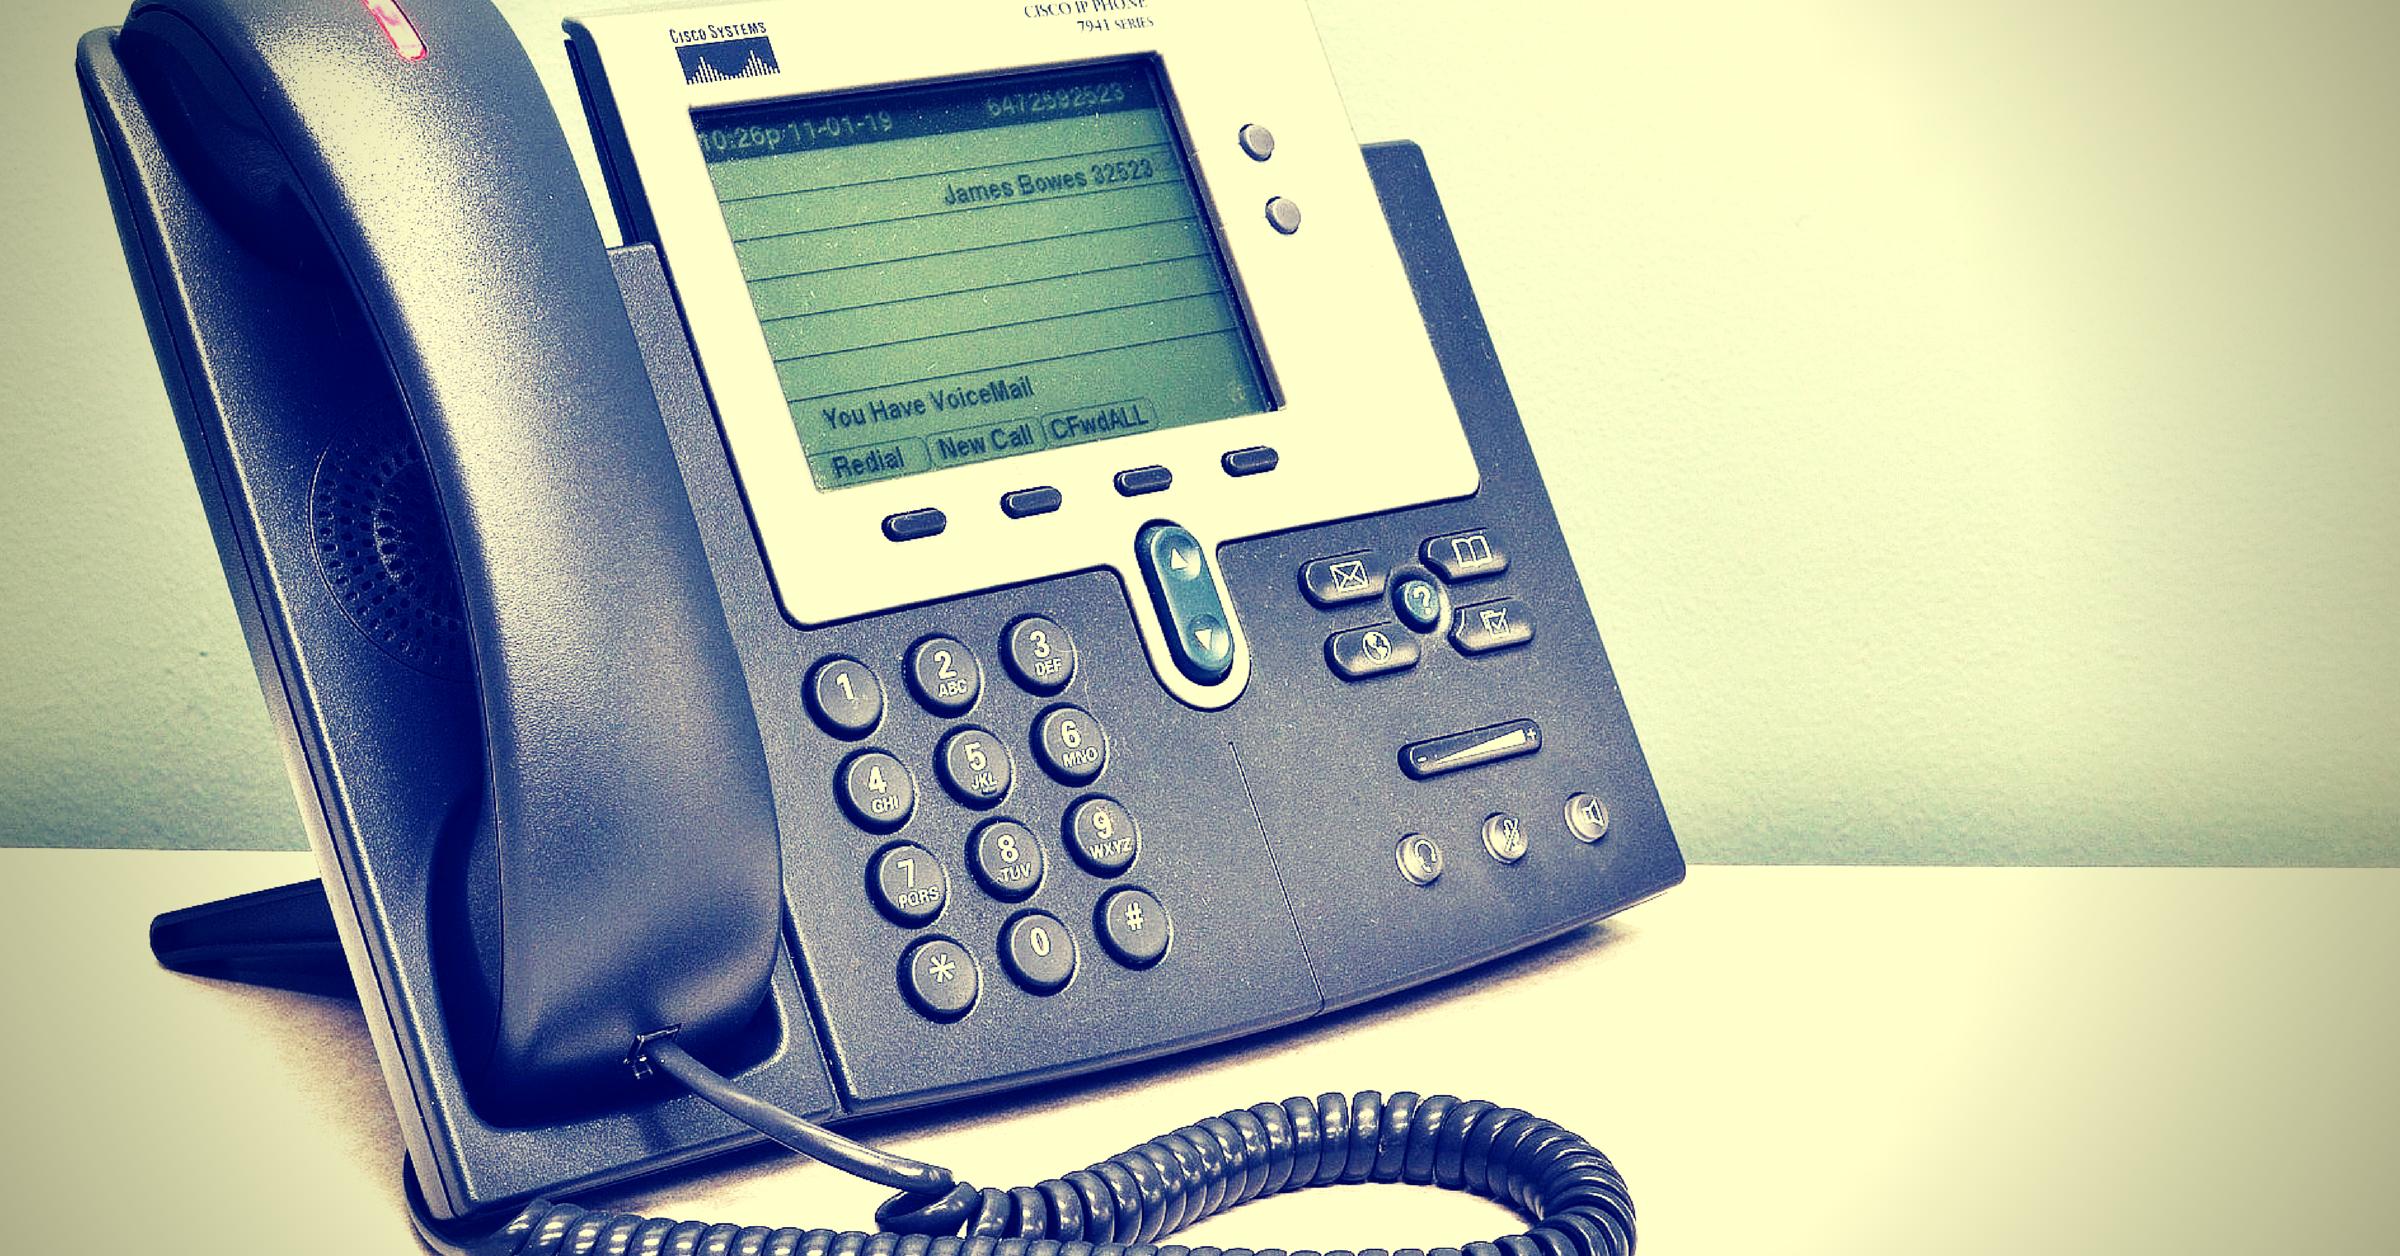 Phones_bad_for_business_Blog_Header.png